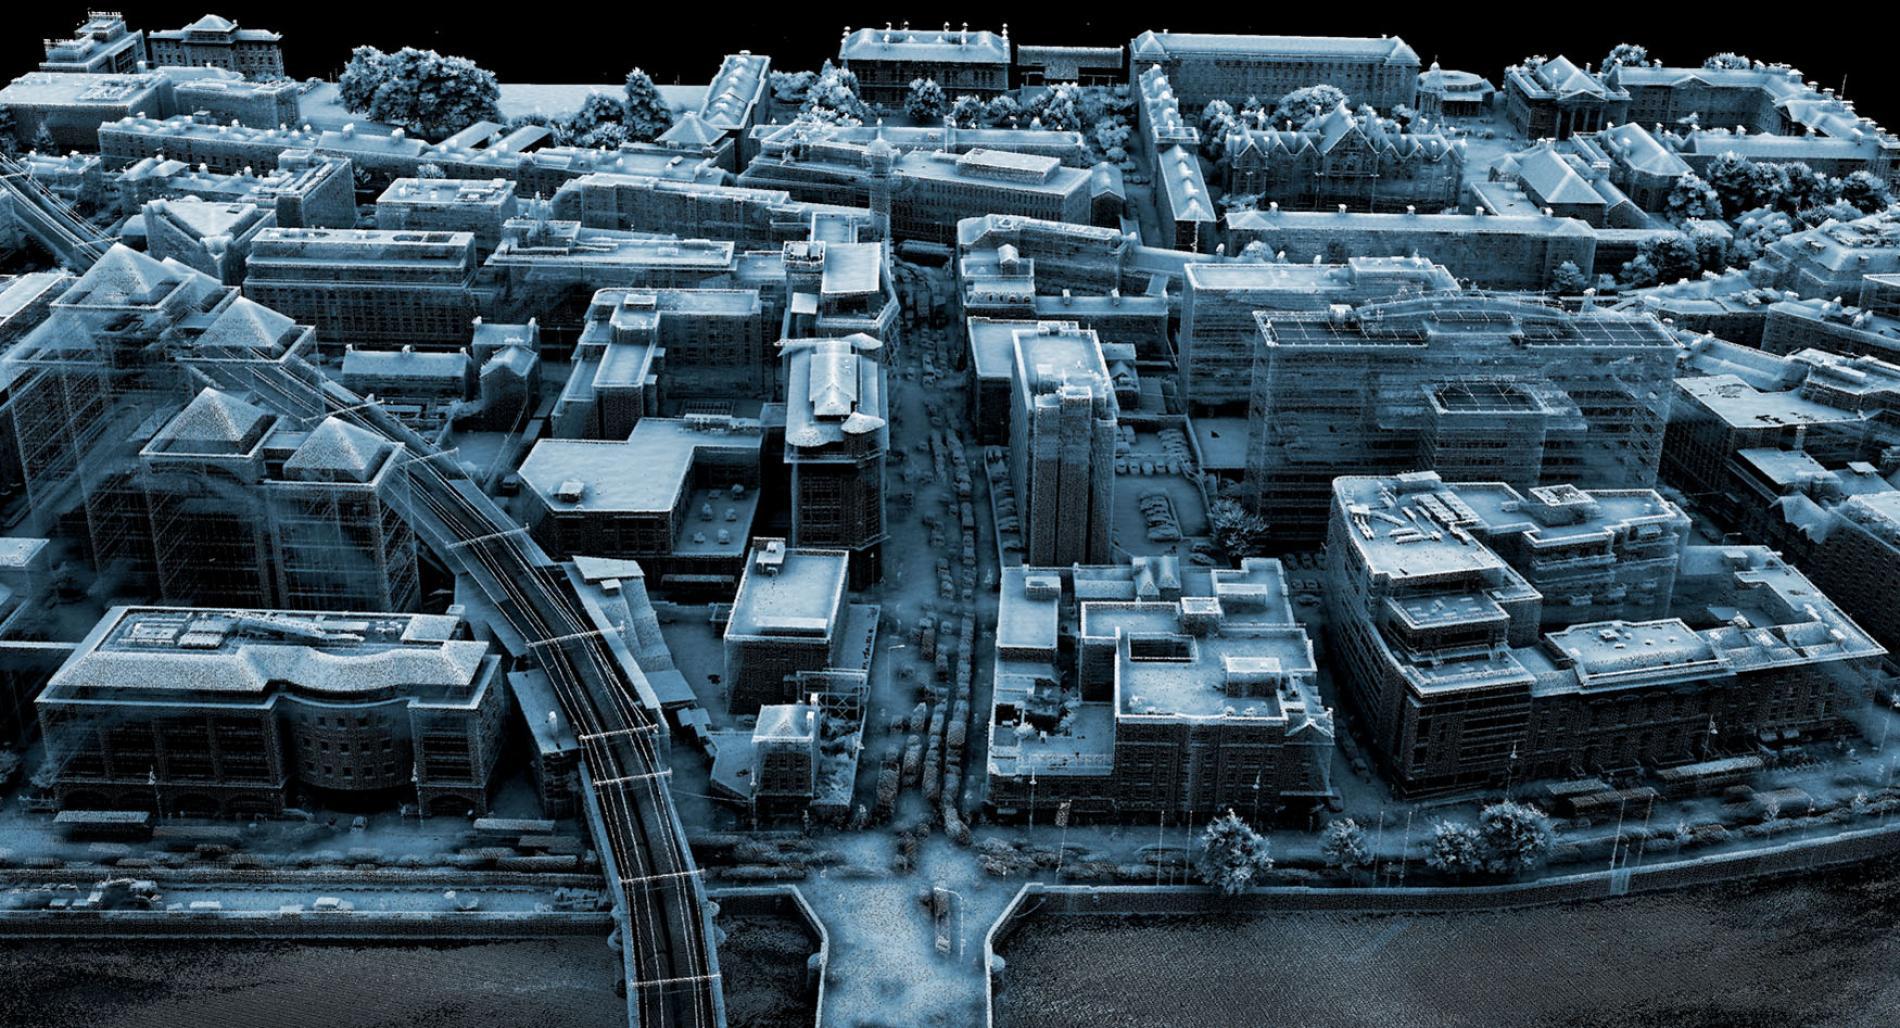 ¿Las ciudades serán inteligentes gracias a LIDAR?